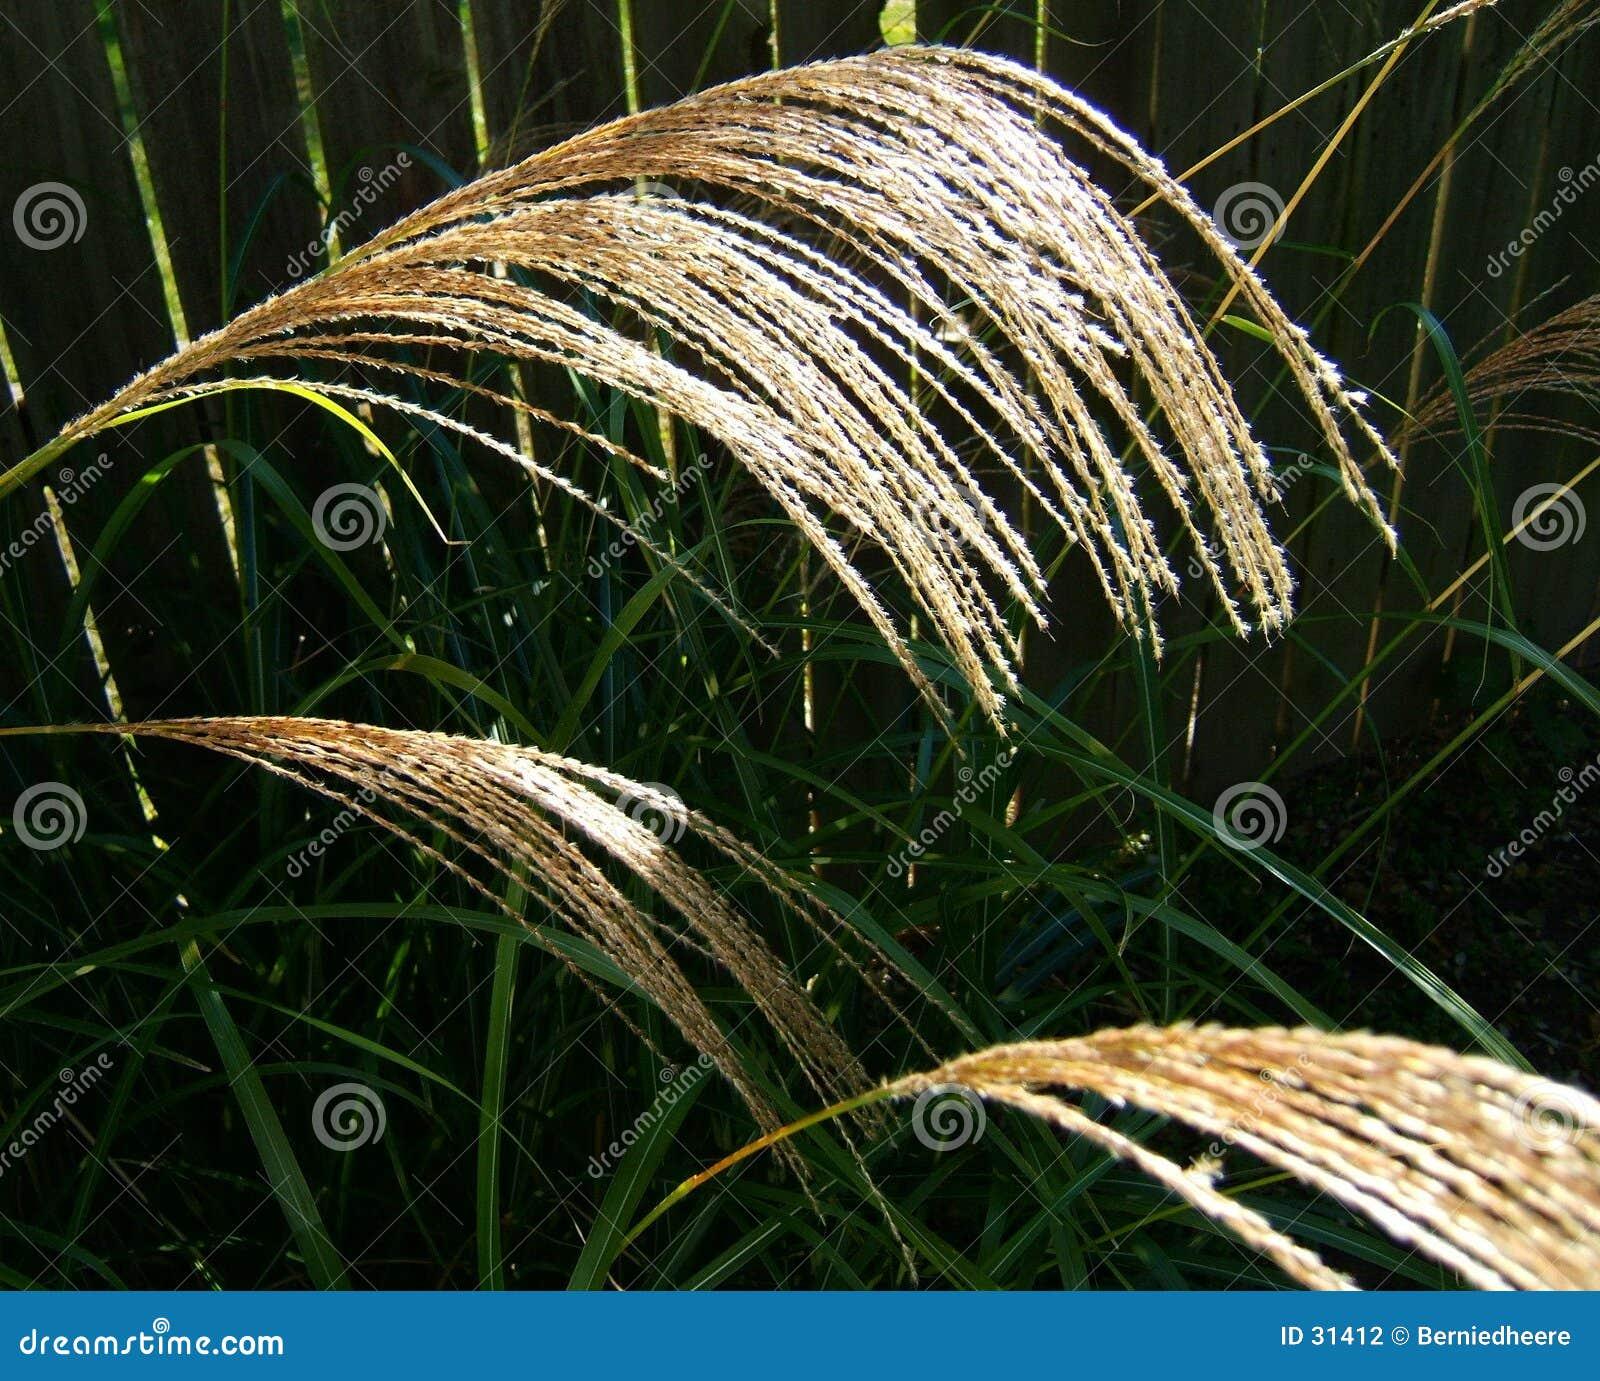 Teste alte del seme dell erba